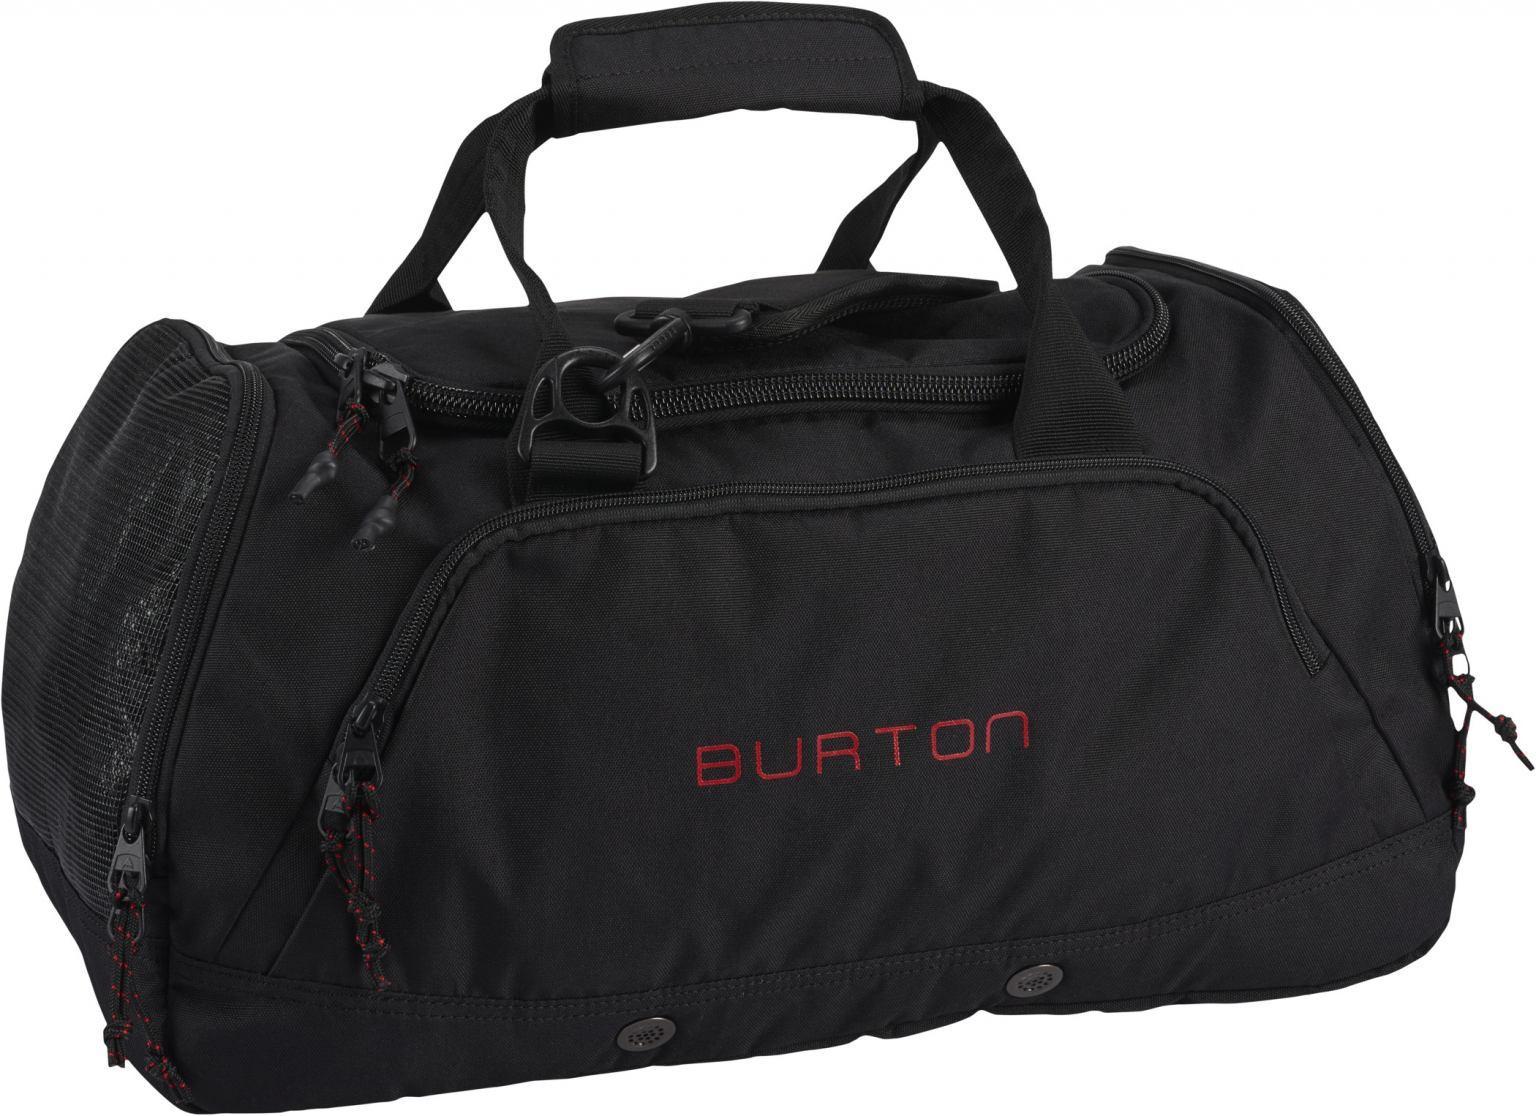 Burton Boothaus Bag 2.0 Medium Sporttasche schwarz